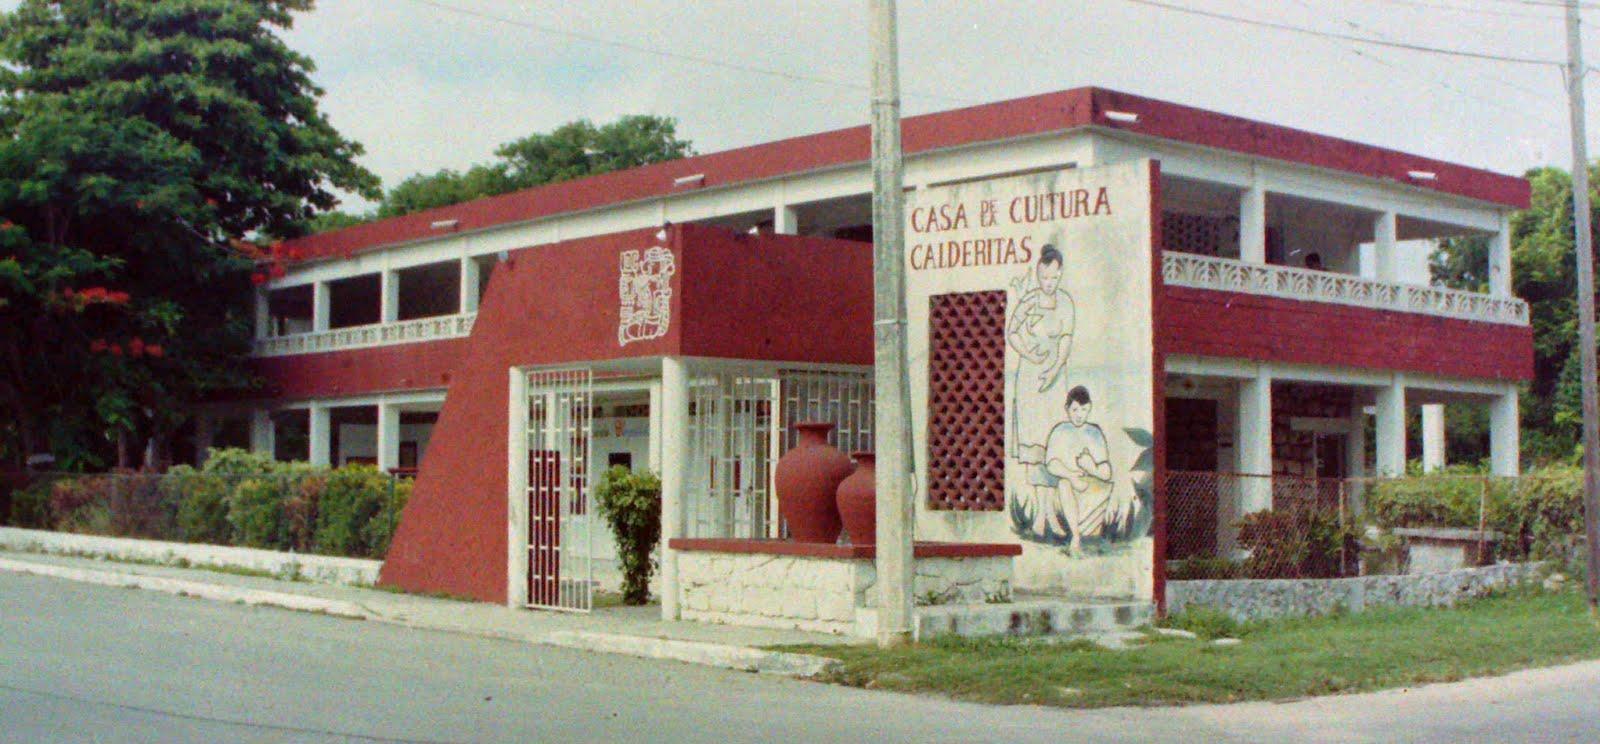 Pueblo viejo diamante de la huasteca casa de la cultura de calderitas - Casa de cultura ignacio aldecoa ...